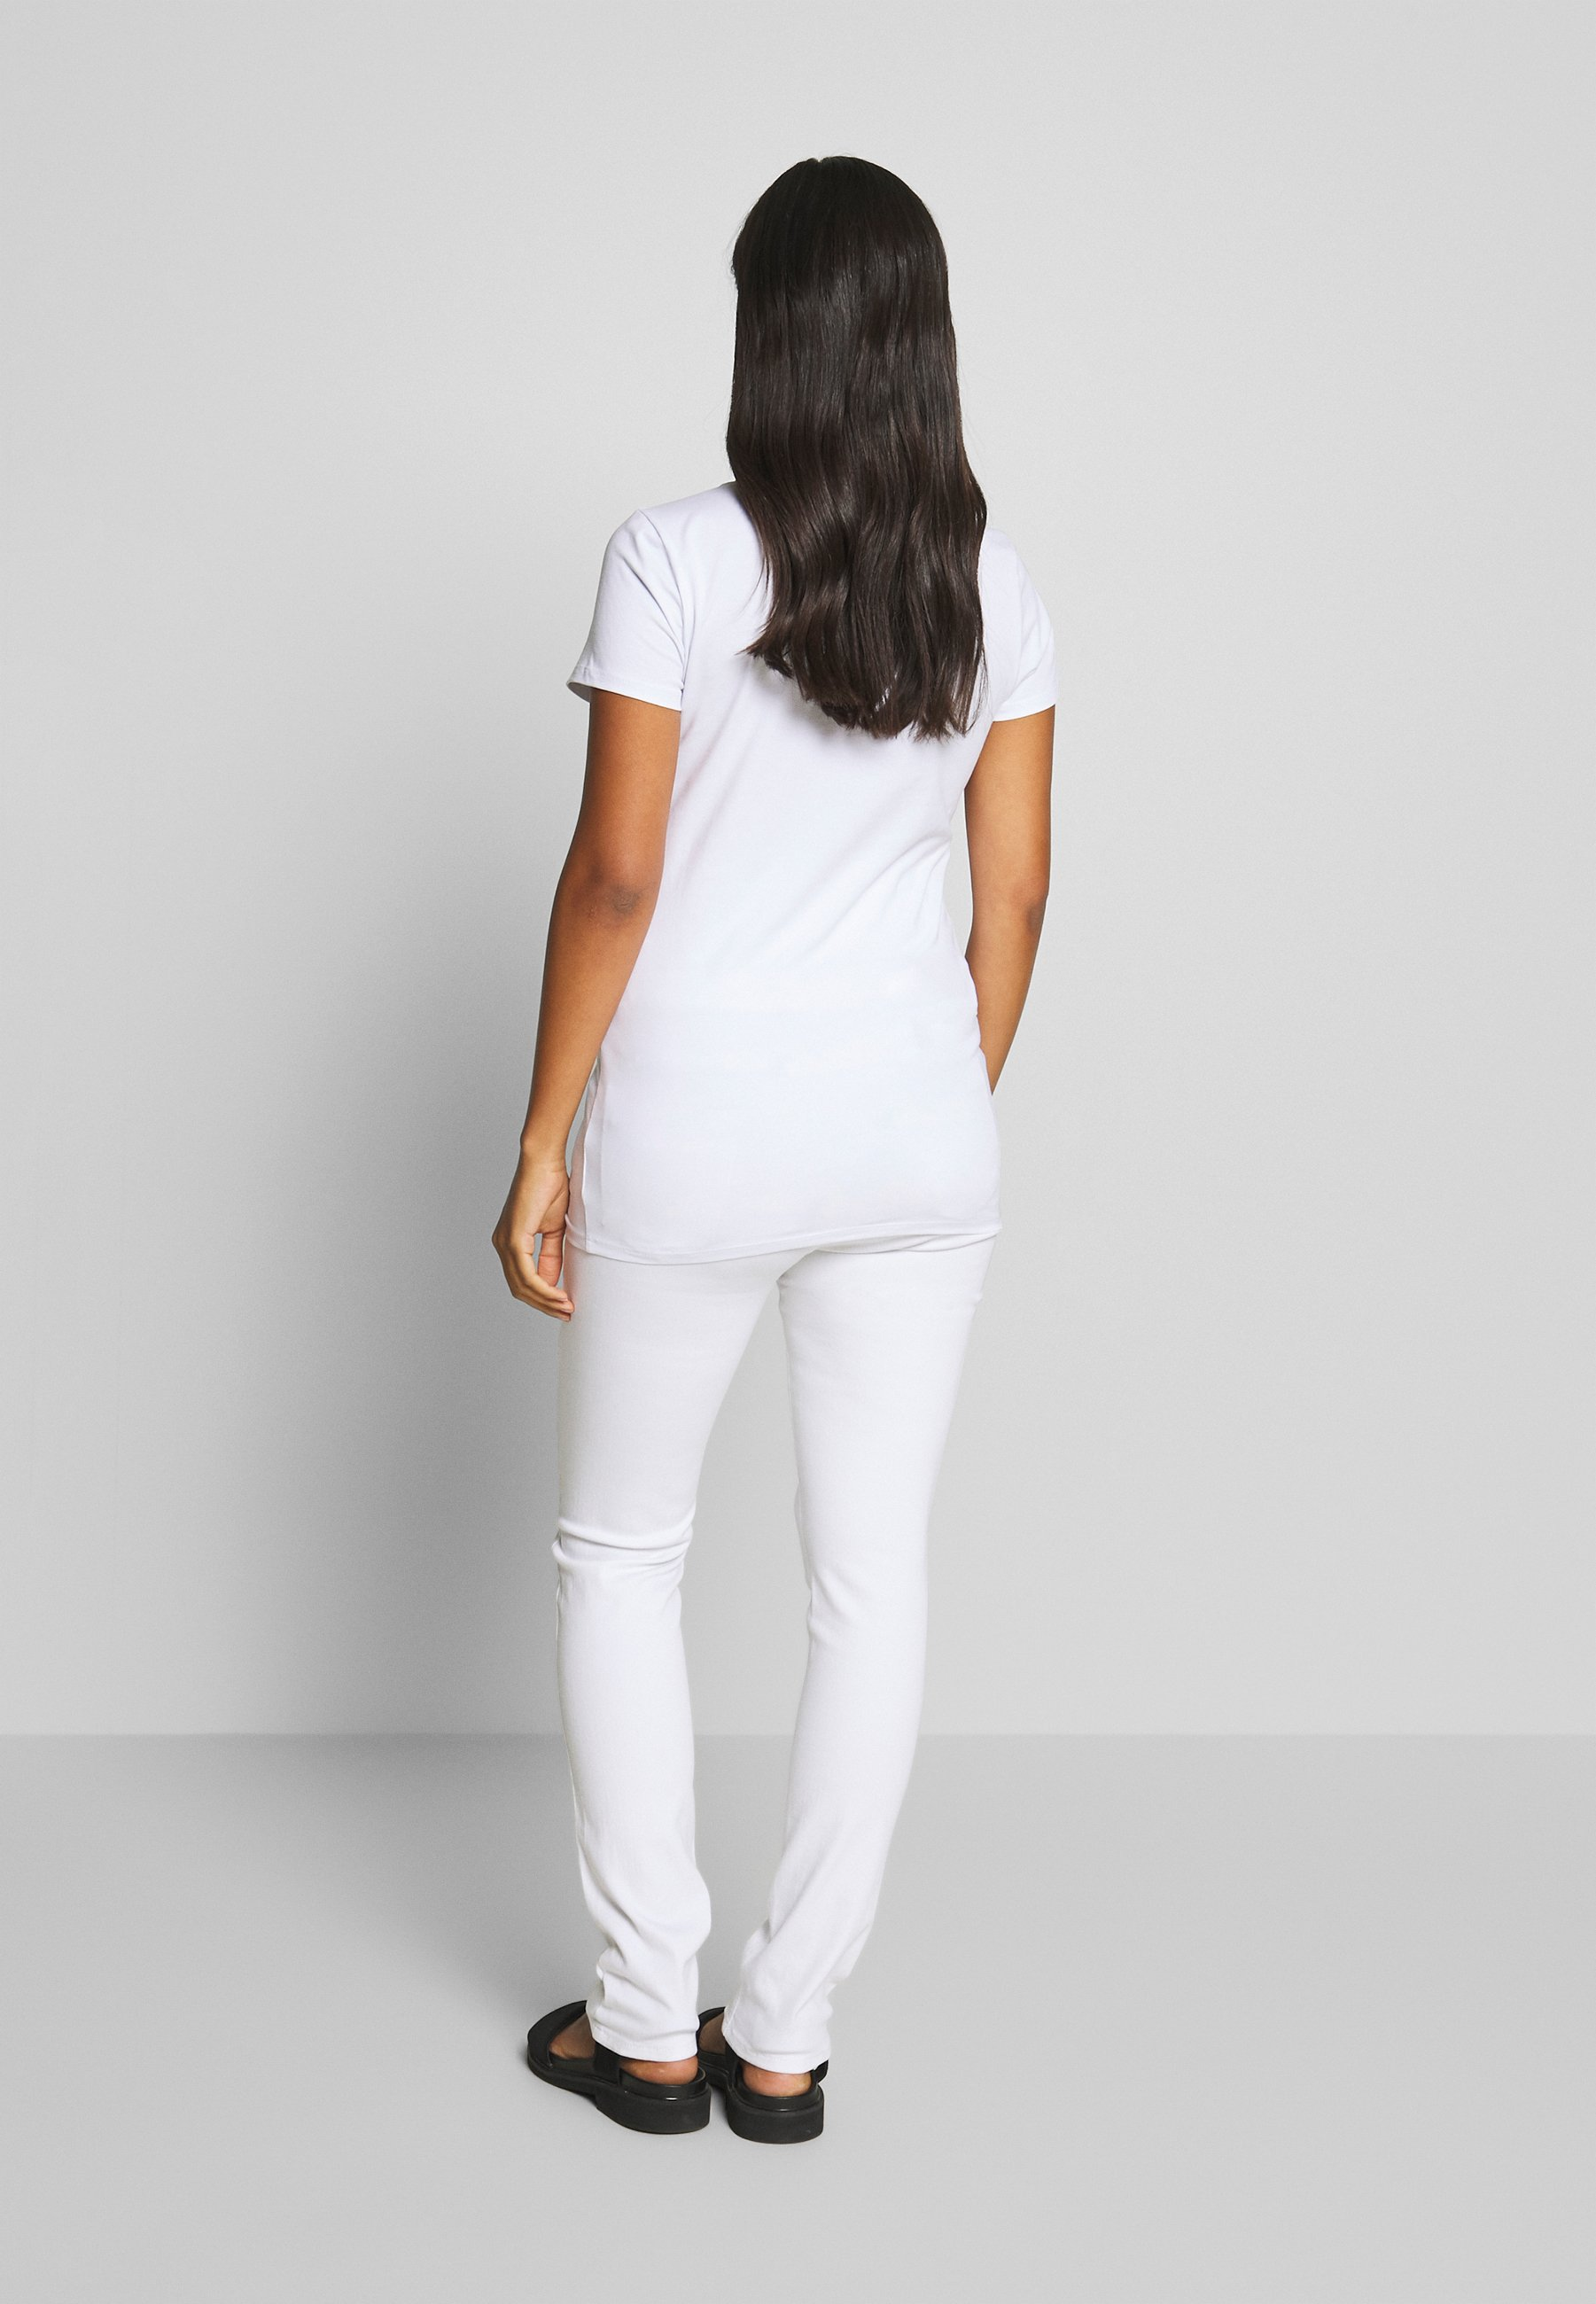 Esprit Maternity Pants - Jeans Slim Fit White 7czWf